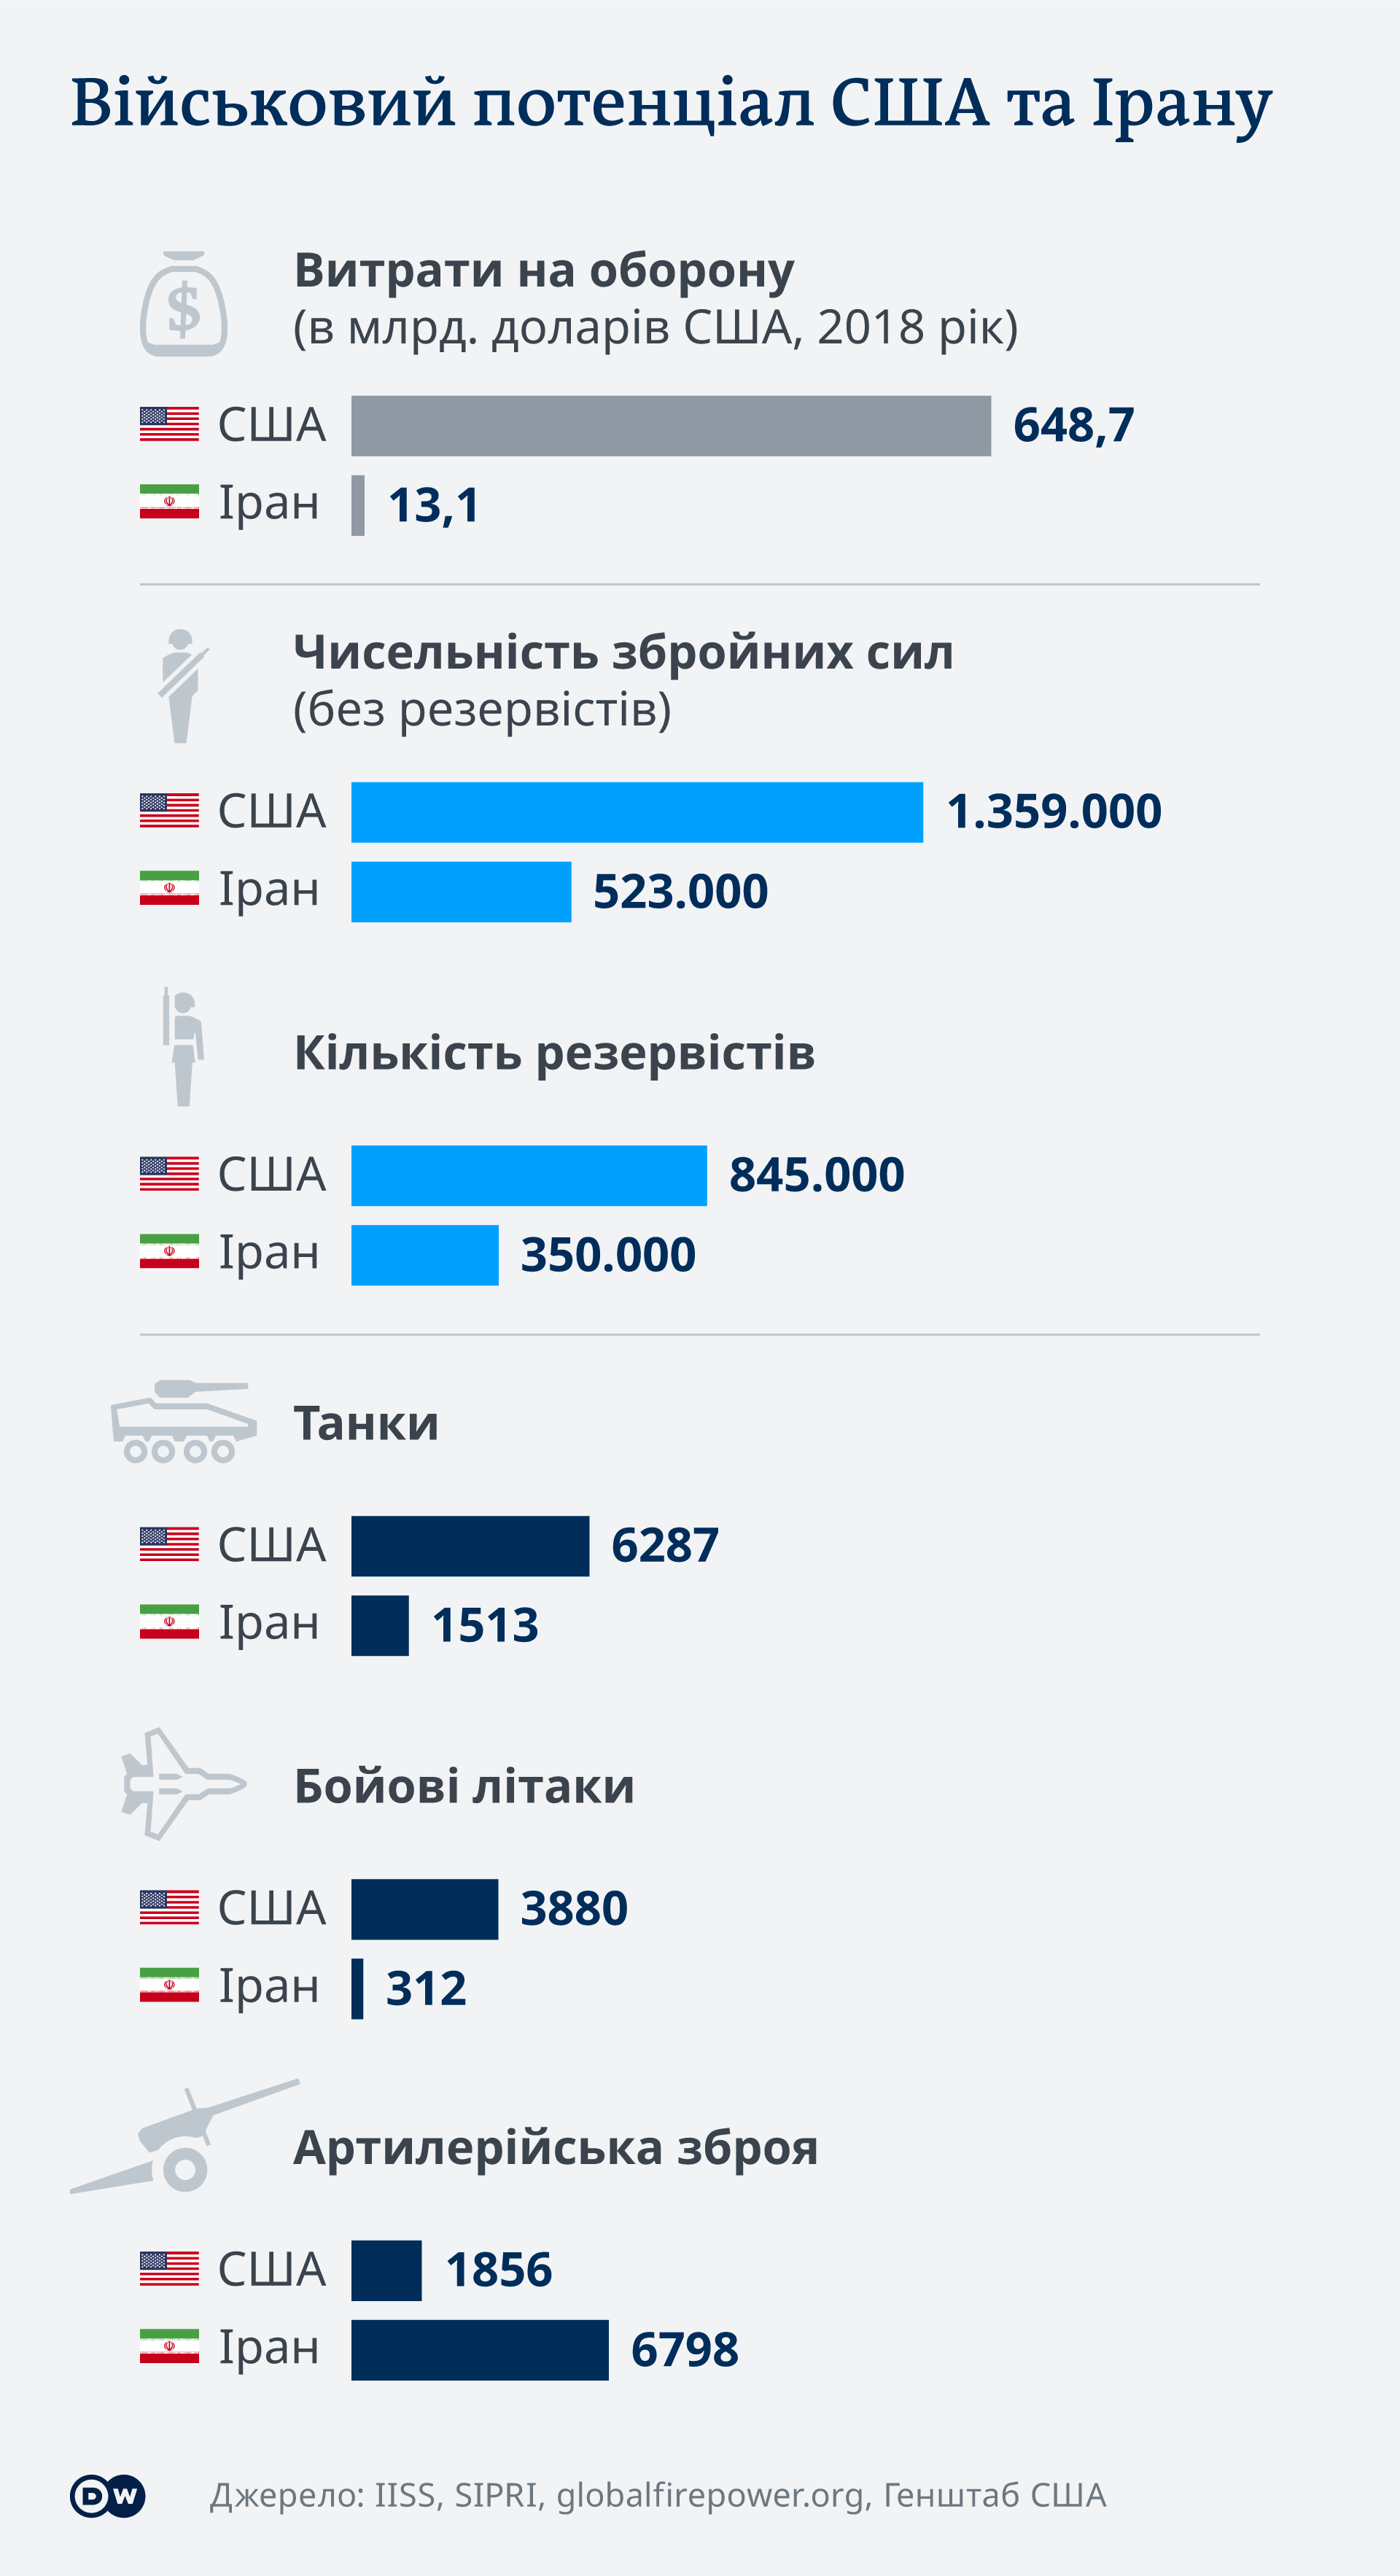 Військовий потенціал США та Ірану (інфографіка)